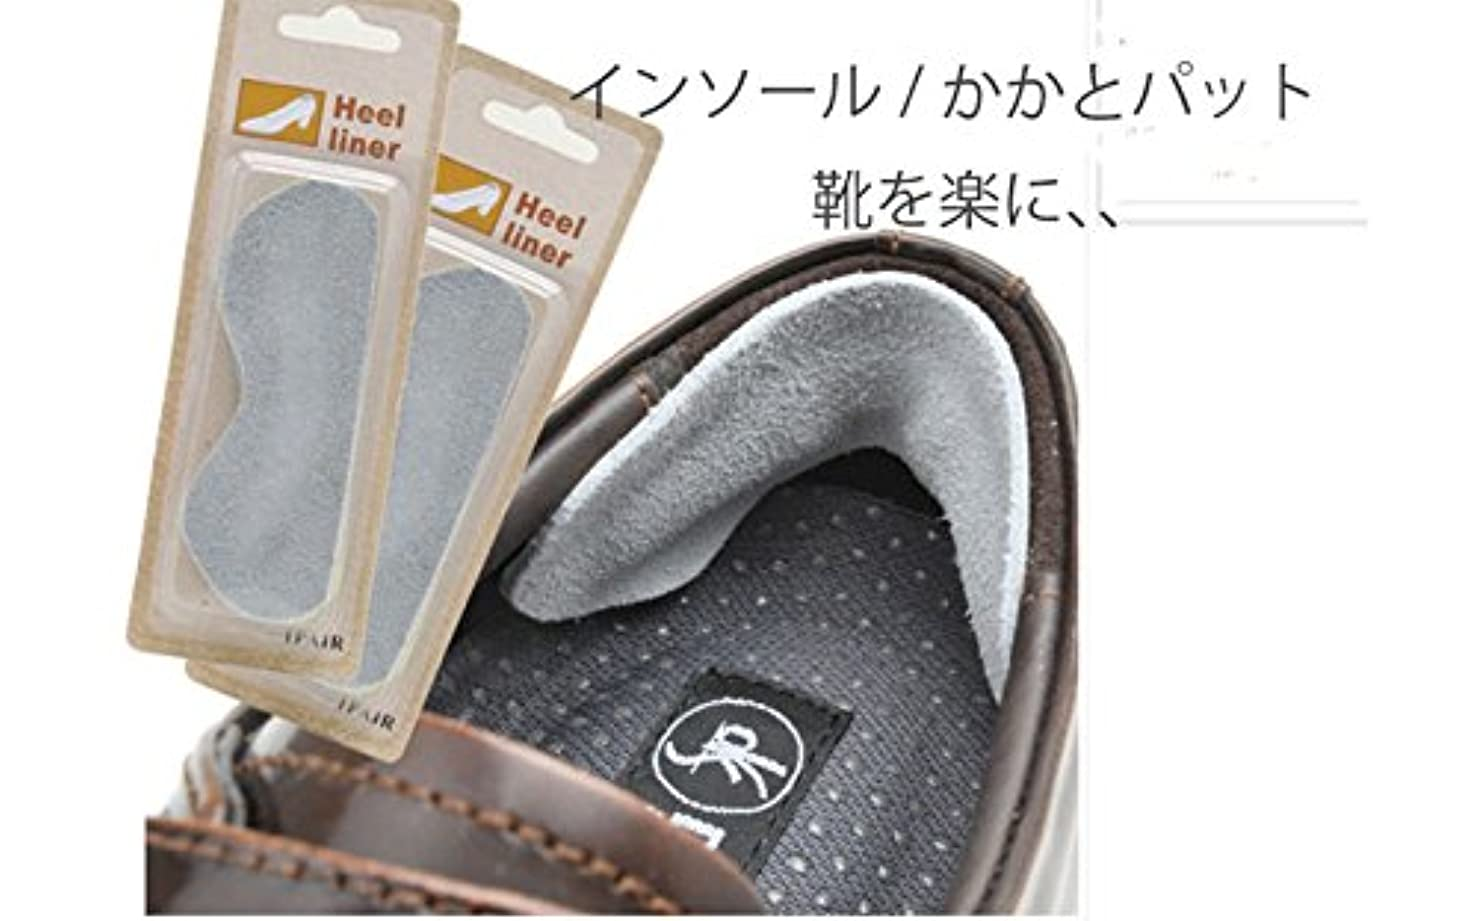 乳白羨望見出し新しい靴の靴ずれ防止、二重安全保護のインソール/かかとパット/フラットシューズ/バレエシューズ